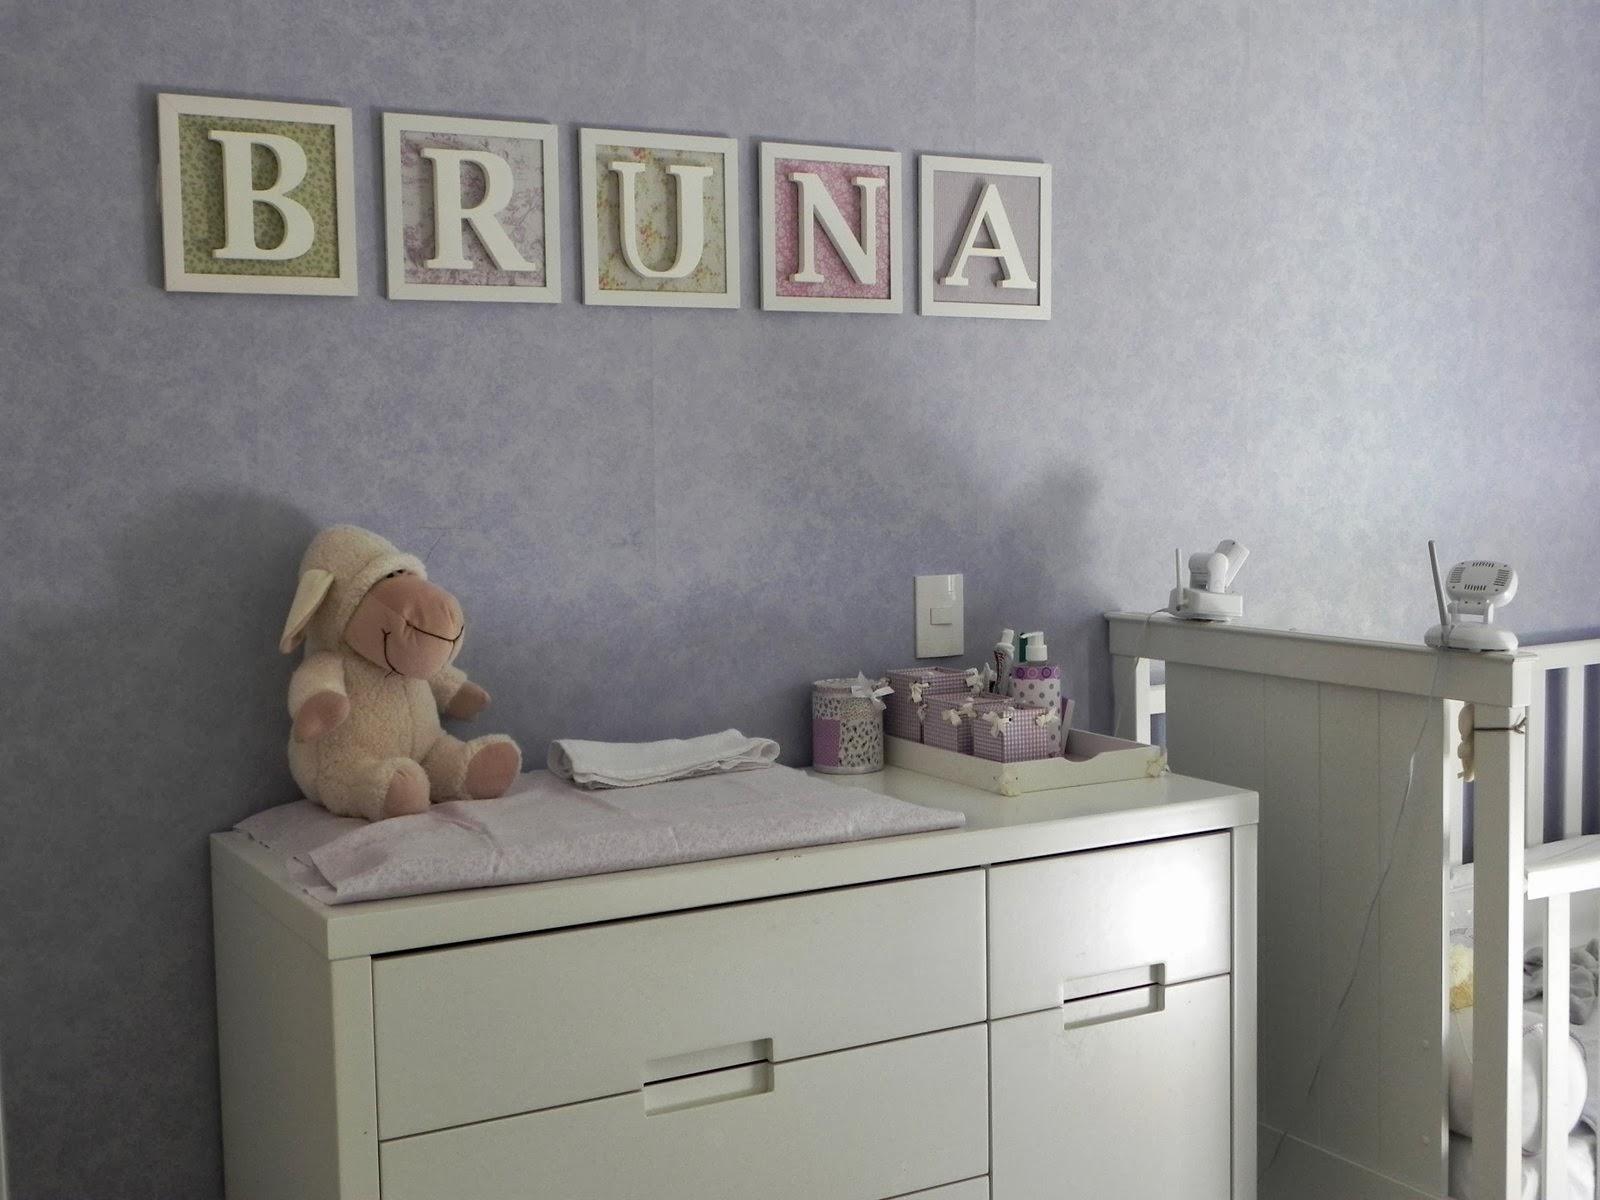 Faca Voce Mesmo O Quarto Do Seu Bebe ~  Decora??o que voc? mesma pode fazer para o quarto do seu bebe